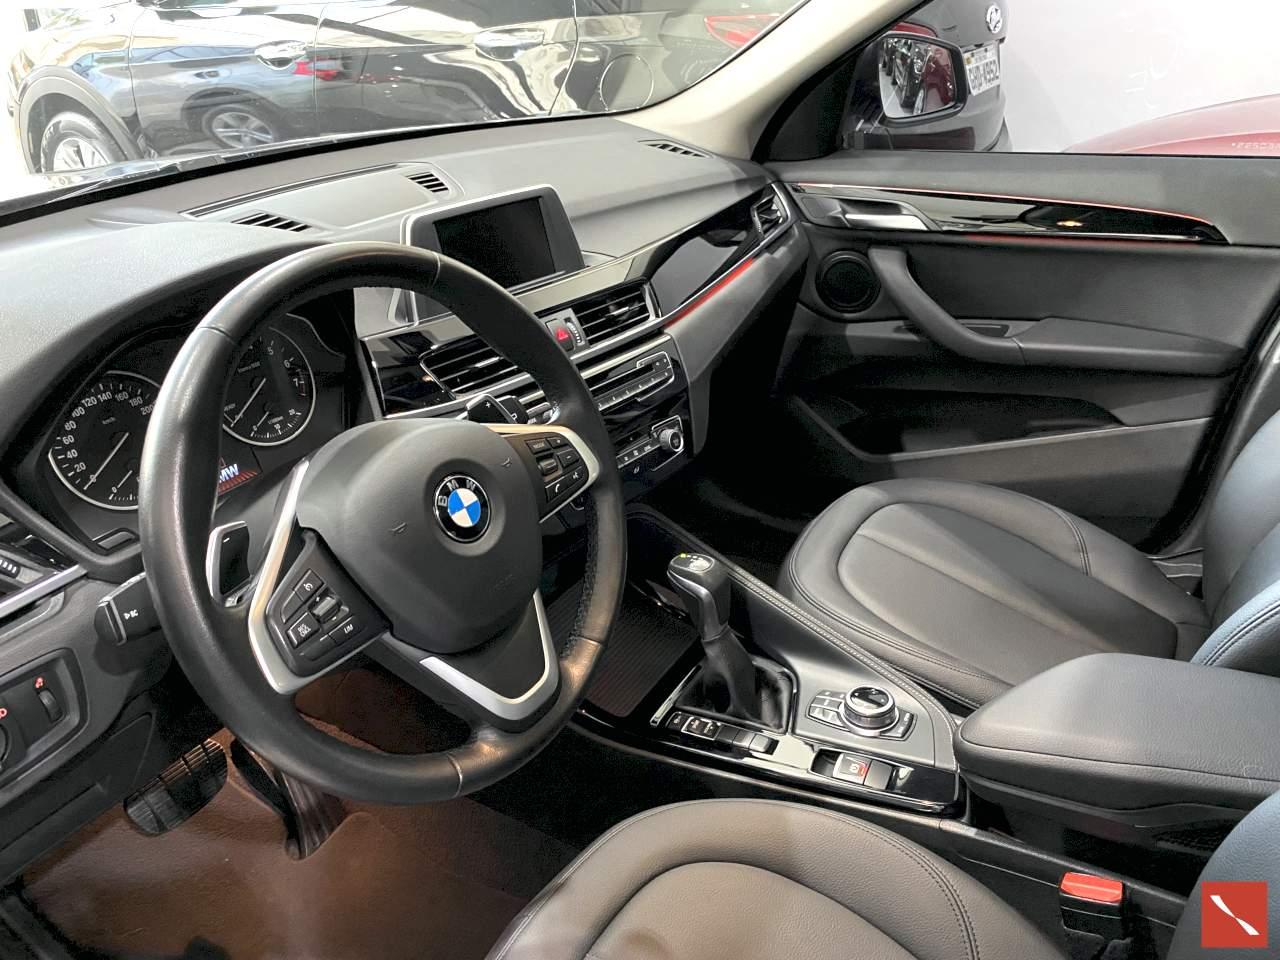 BMW X1 S-DRIVE 2017/2018